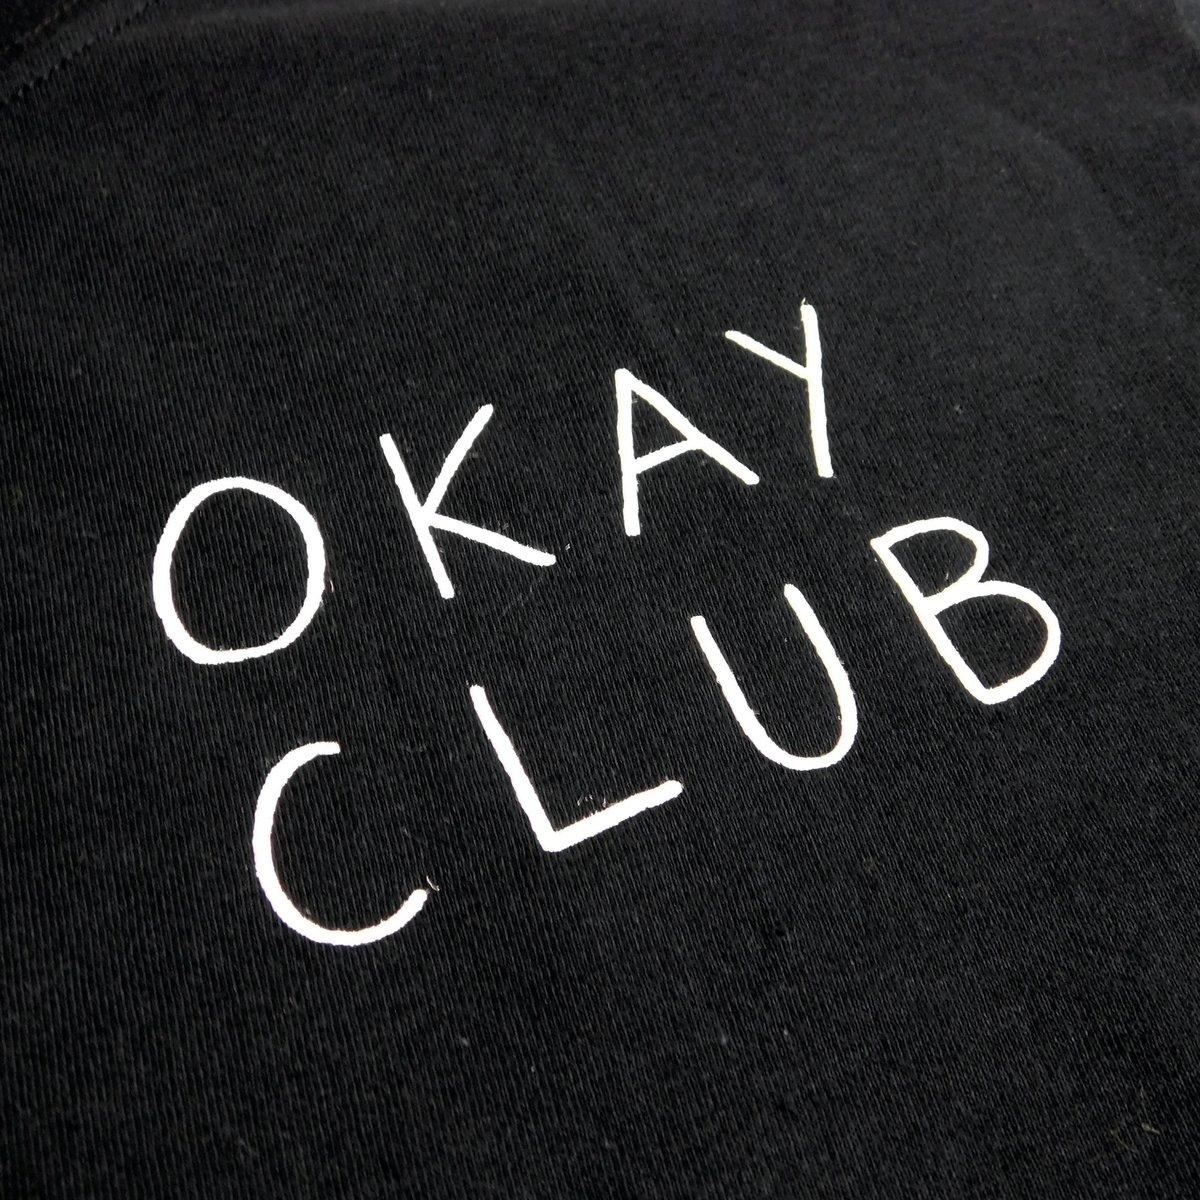 Image of Okay Club Tee Black